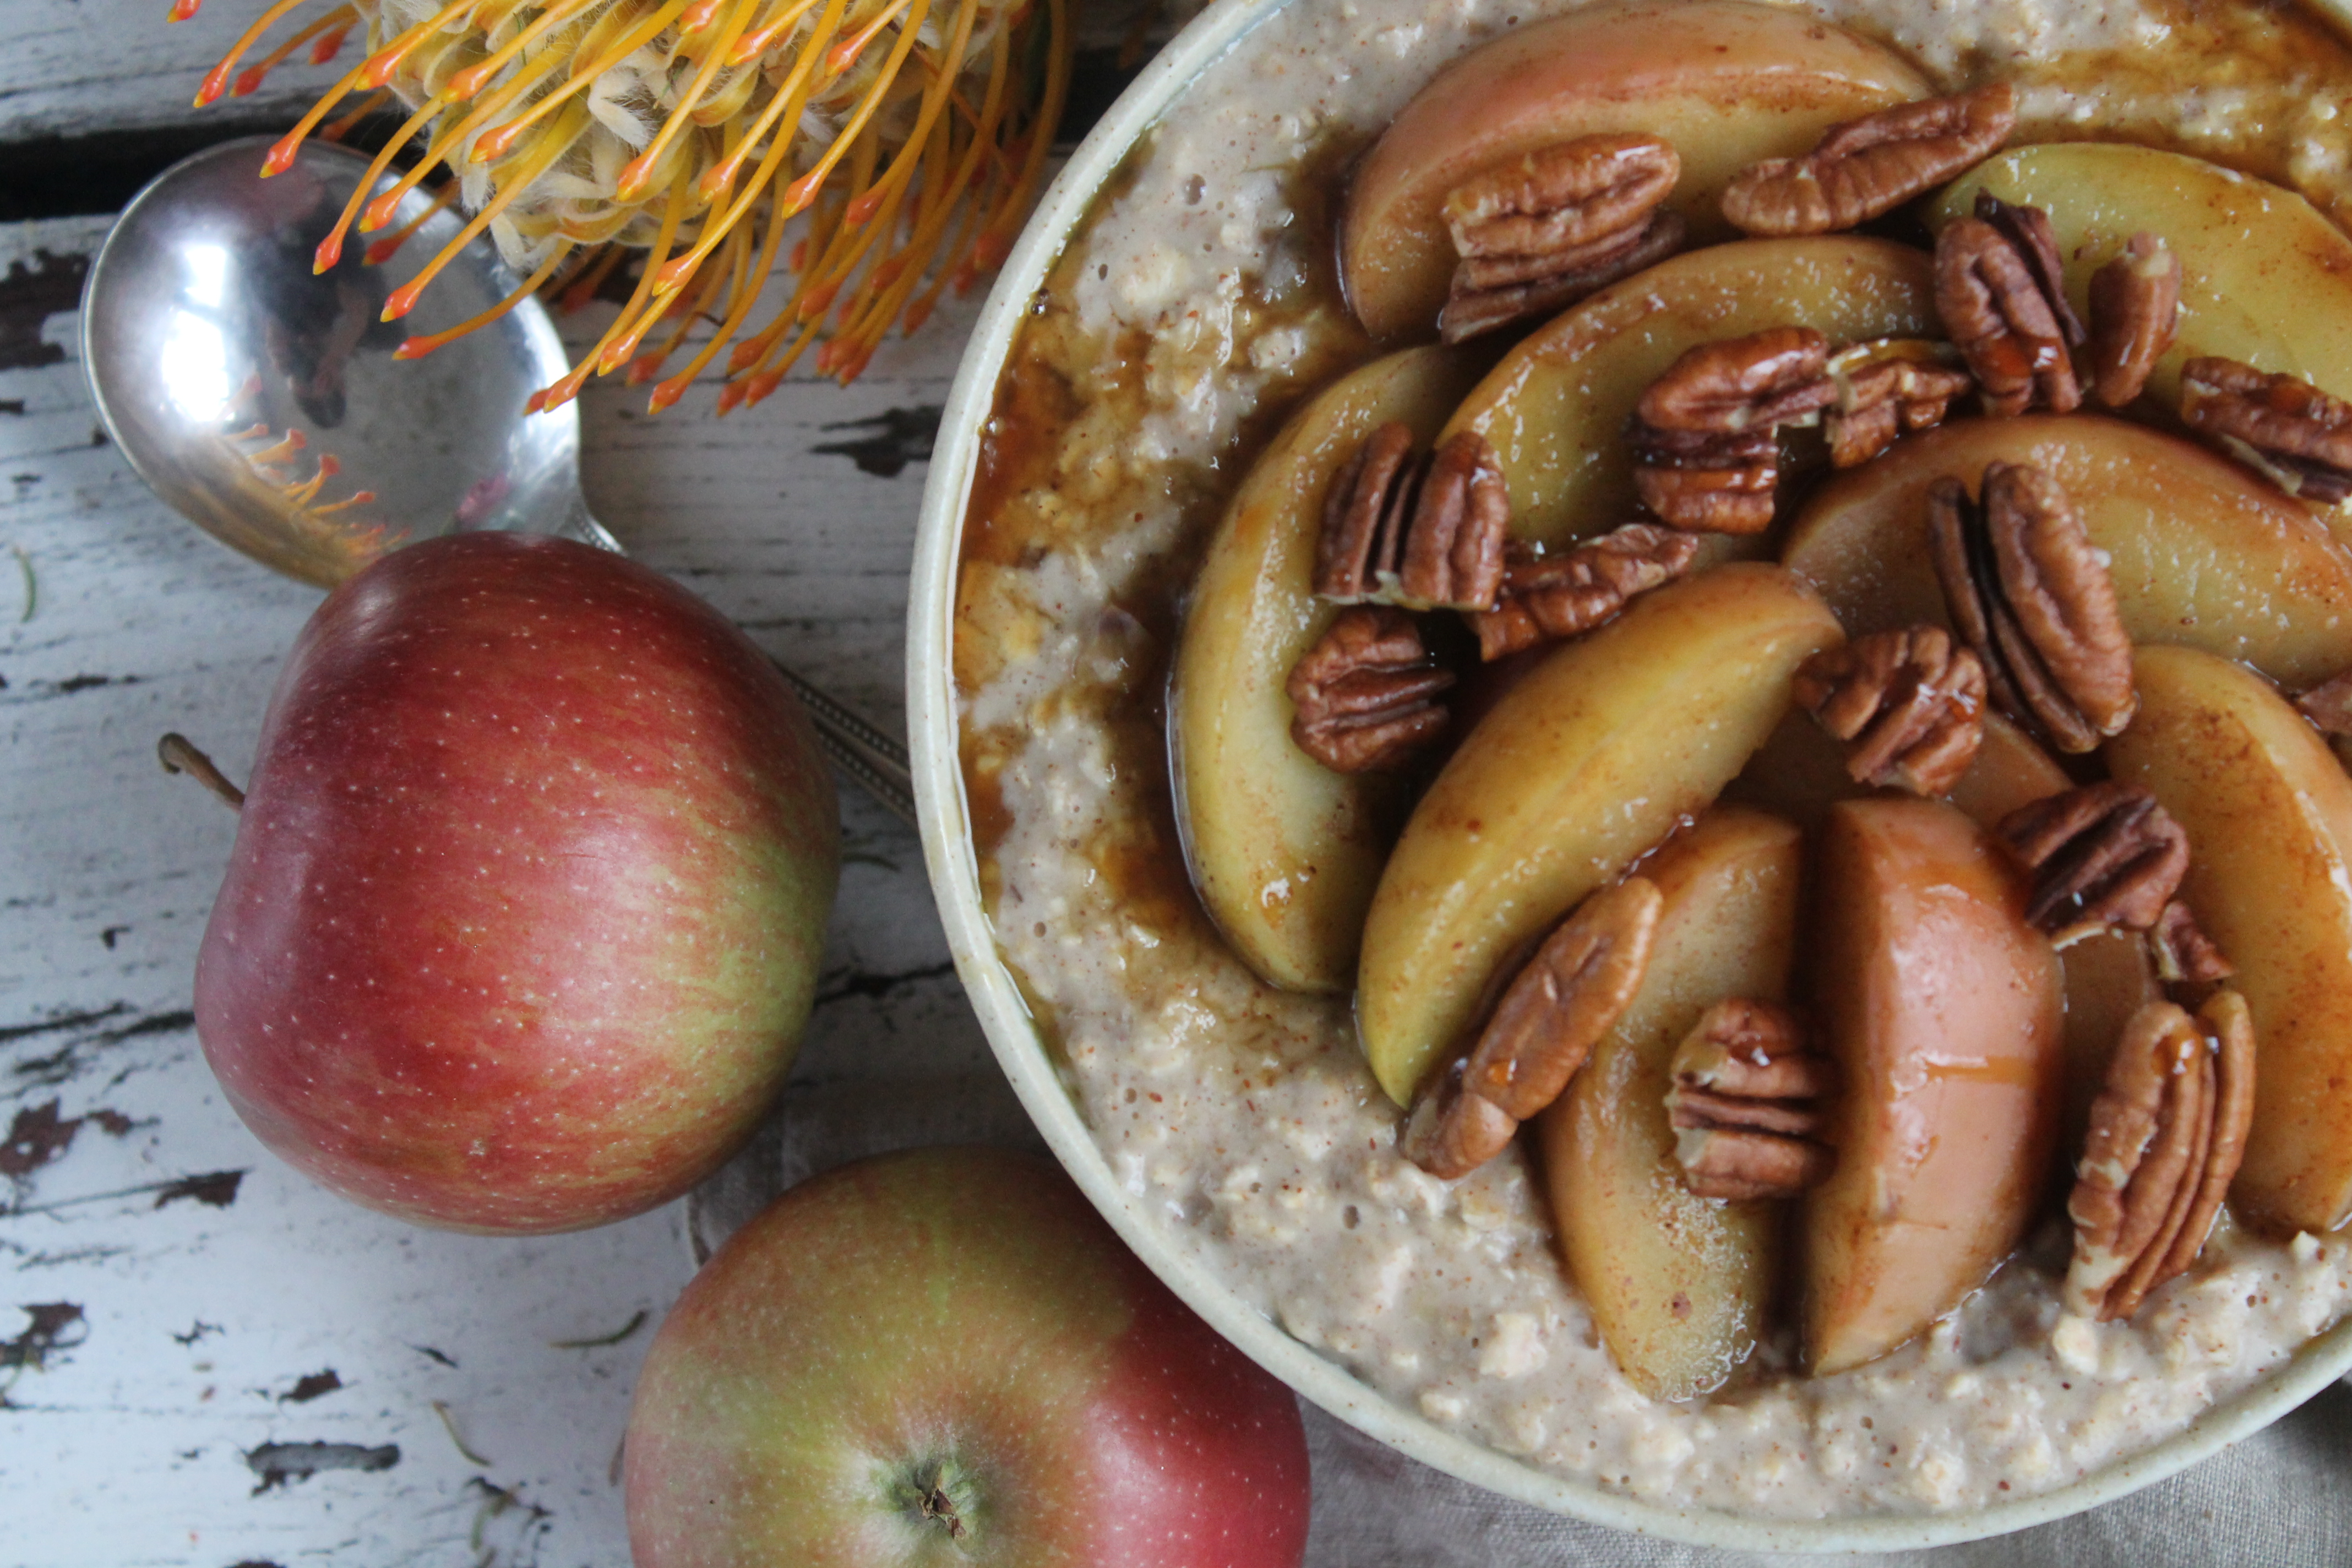 Chestnut and Apple Spiced Porridge